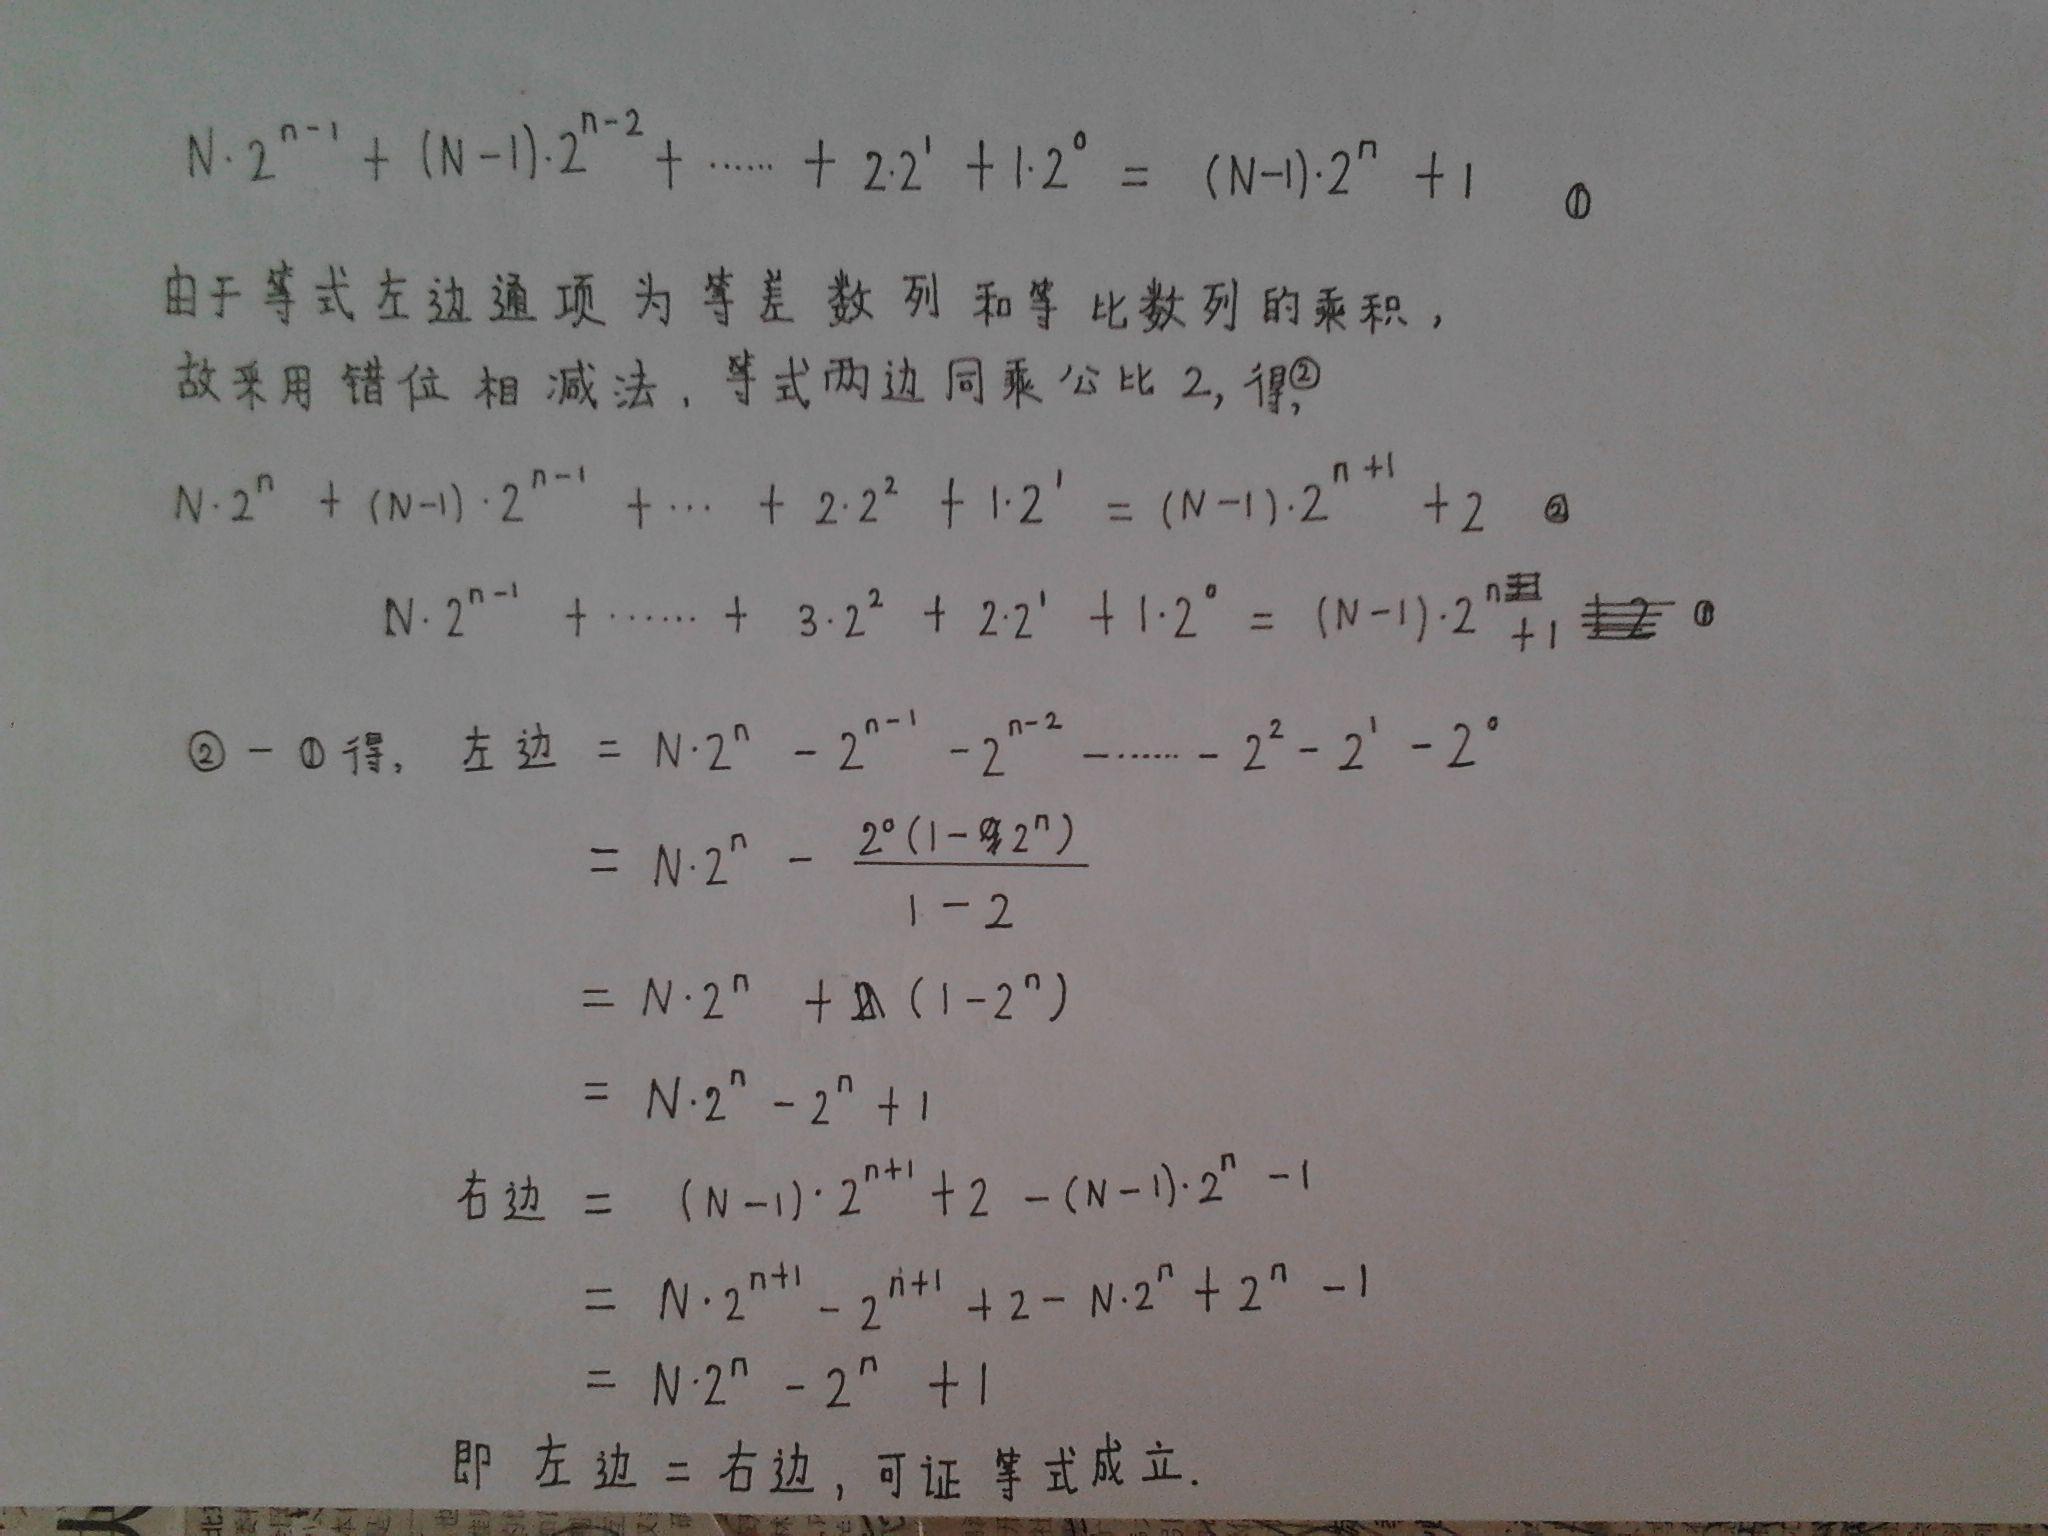 高中数学教学设计与反思模版;图片-高中数学教学设计 高中数学教学